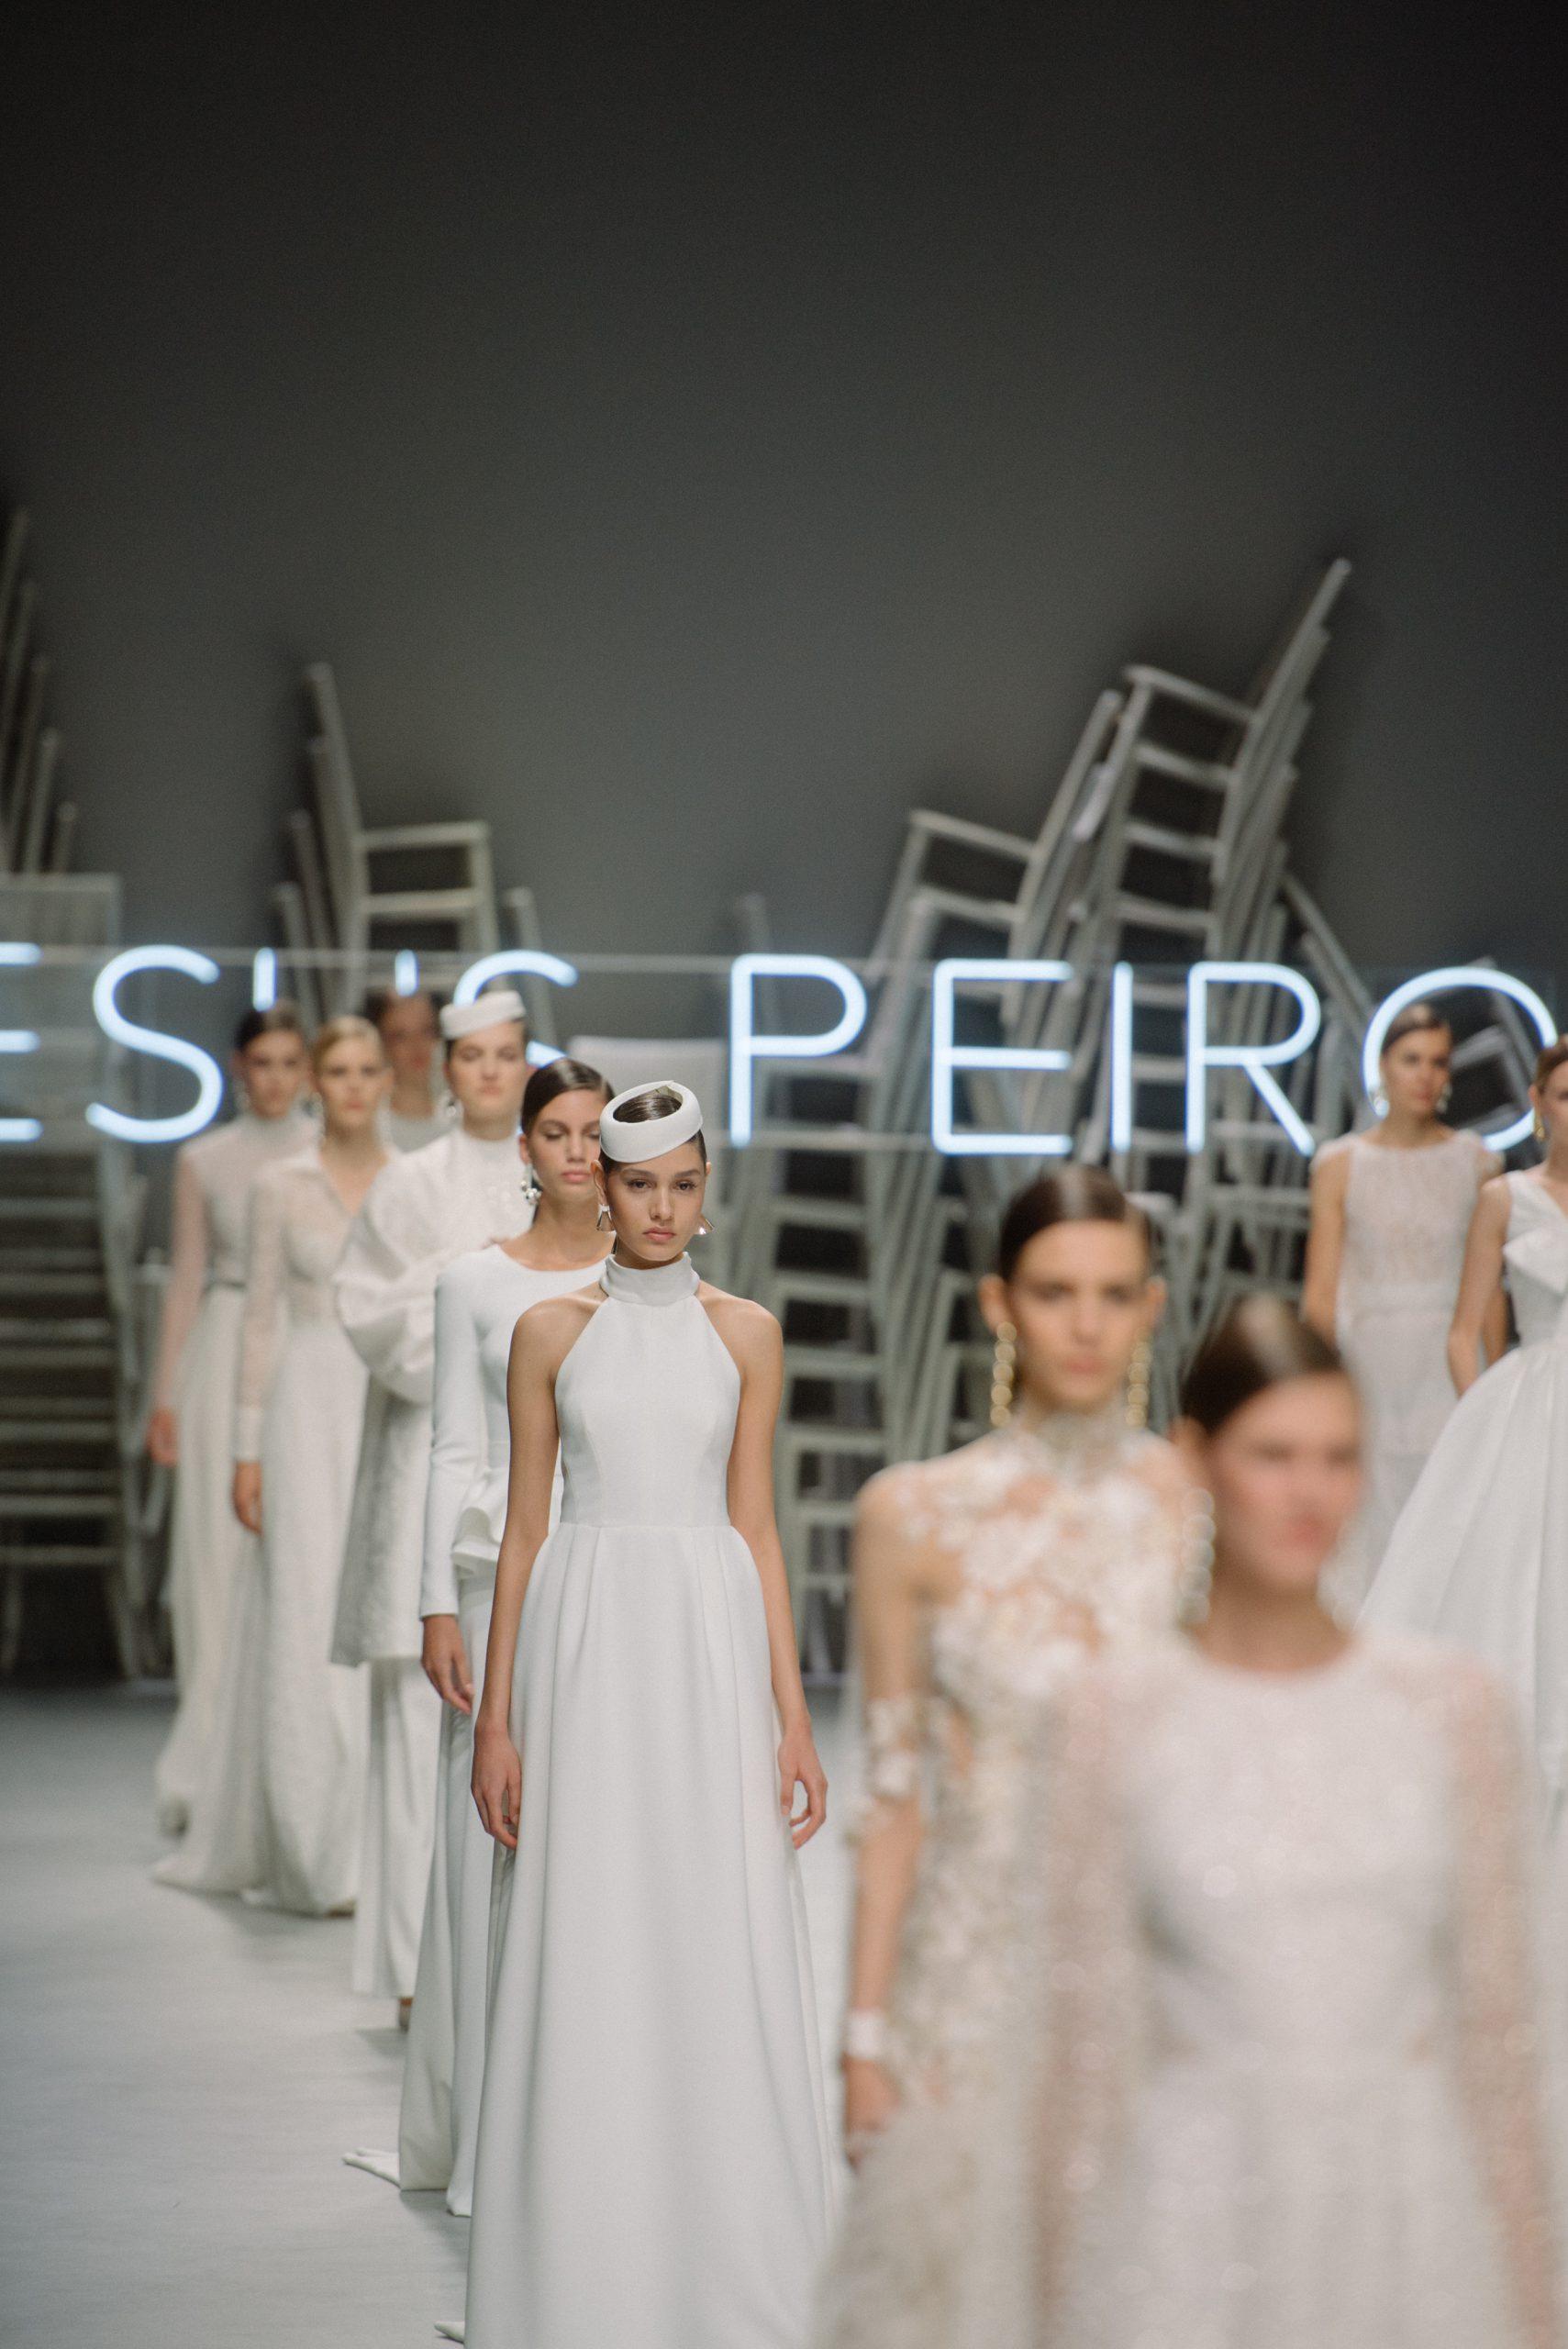 JESUS_PEIRO_00178-JESUS-PEIRO-BARCELONA